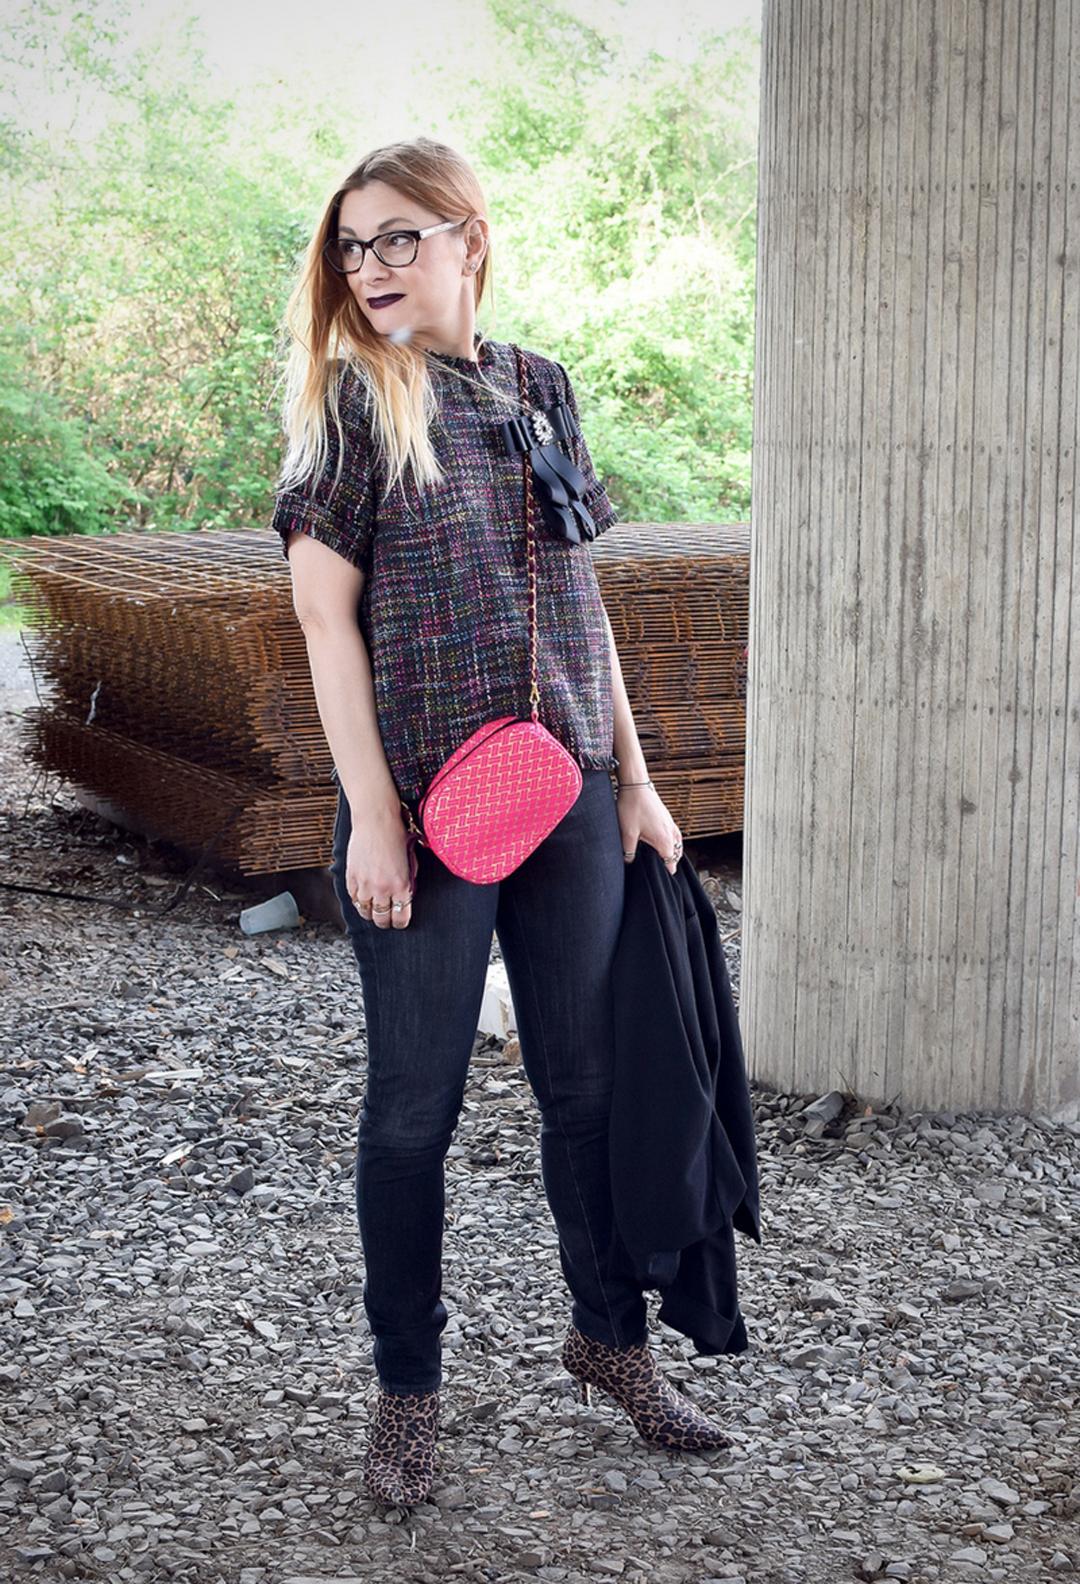 Leo Sockboots, Bouclé, Chanel, schwarze Skinny Jeans für frauen